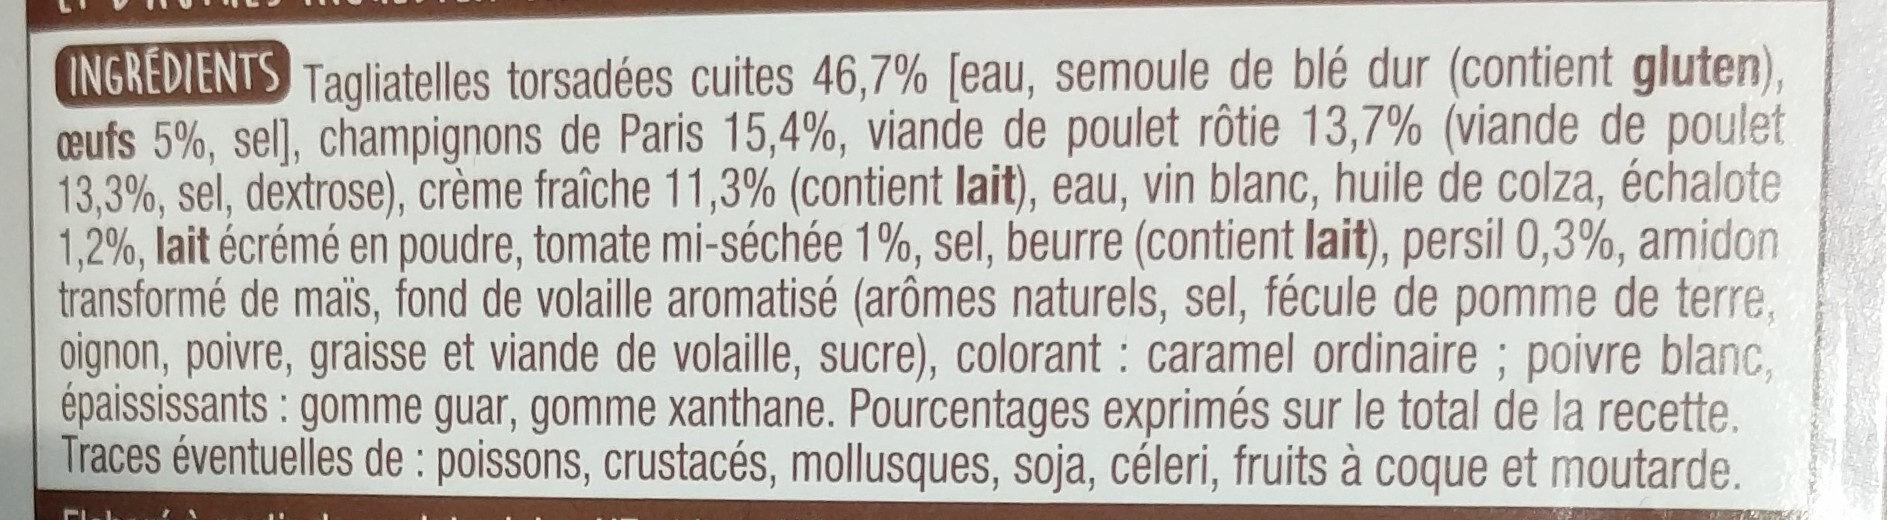 Tagliatelles au poulet et champignons - Ingrediënten - fr